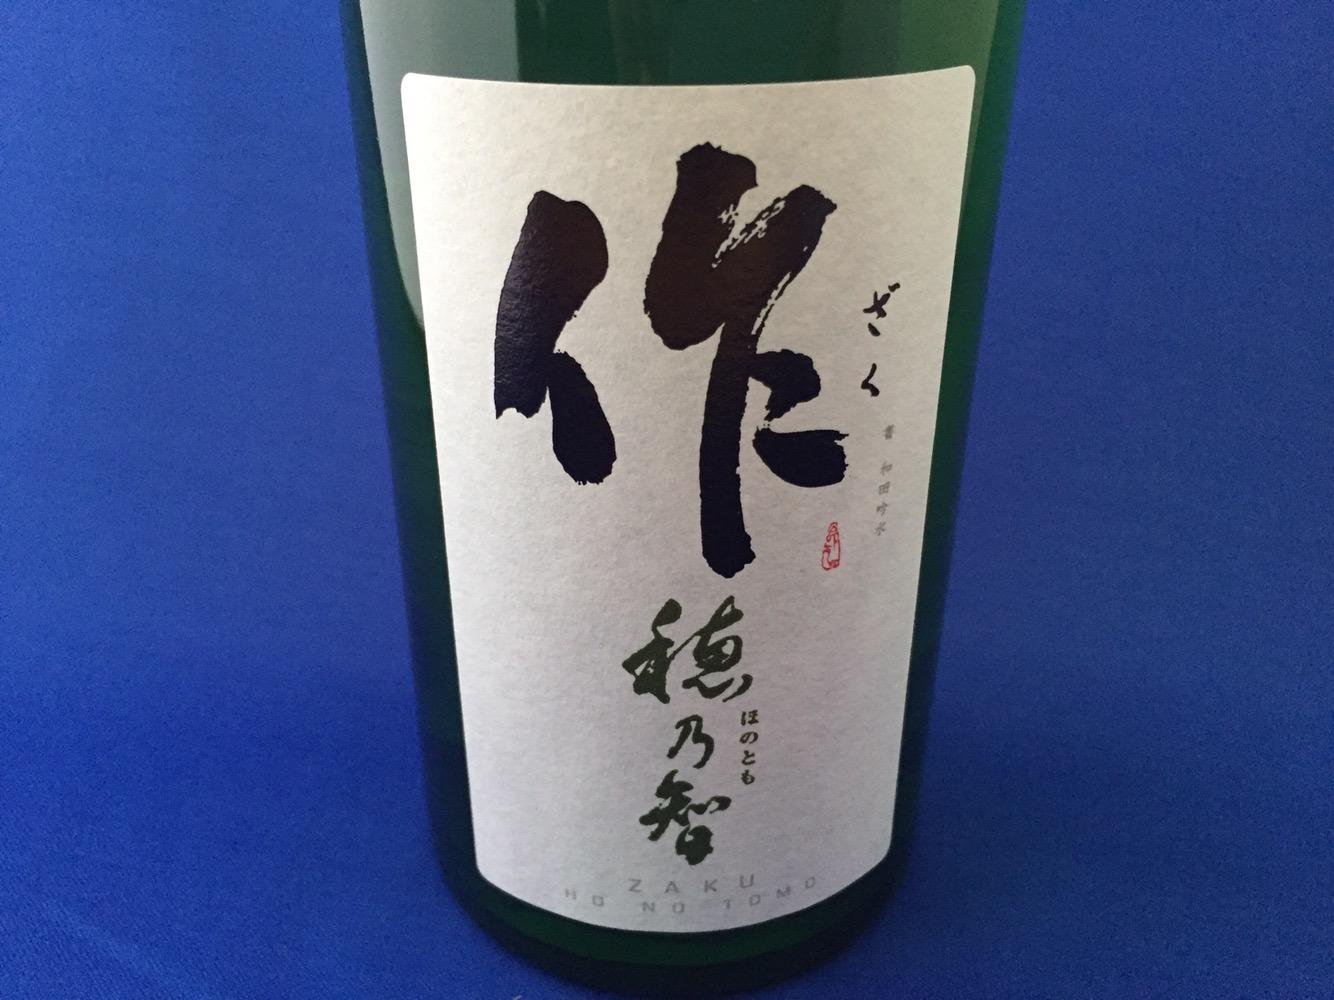 「作(ざく)穂乃智」 ガンダムファンも注目の日本酒は